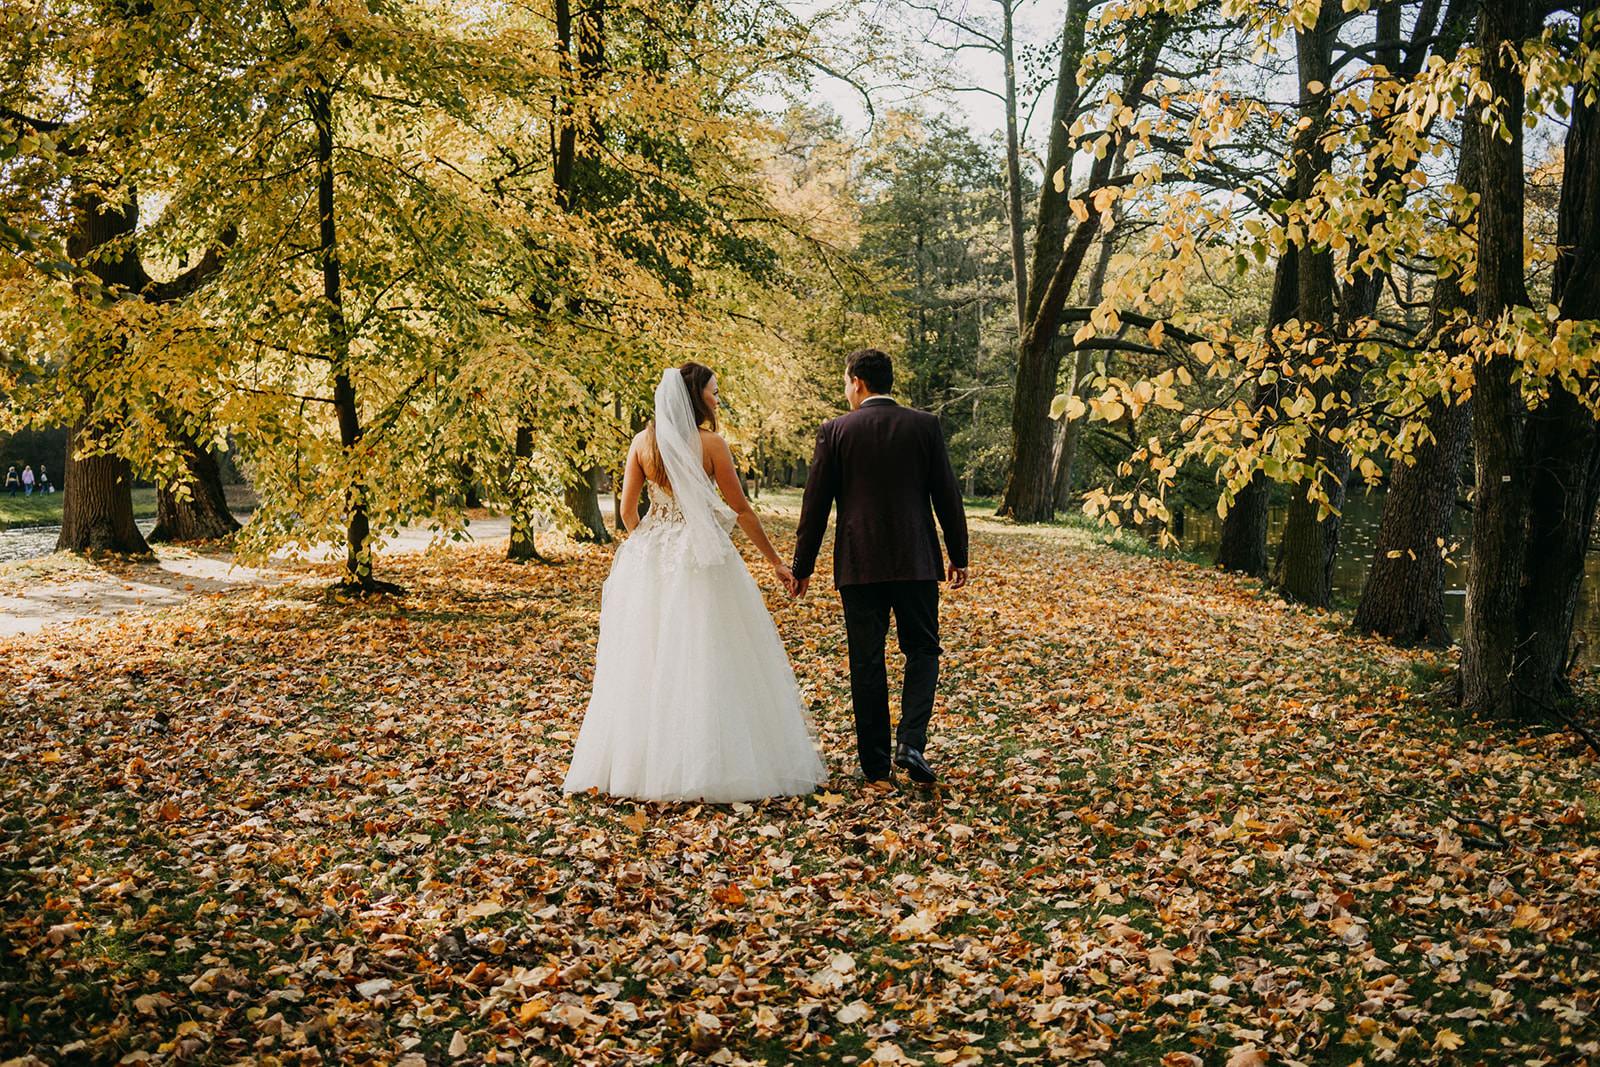 jesienna sesja po ślubie